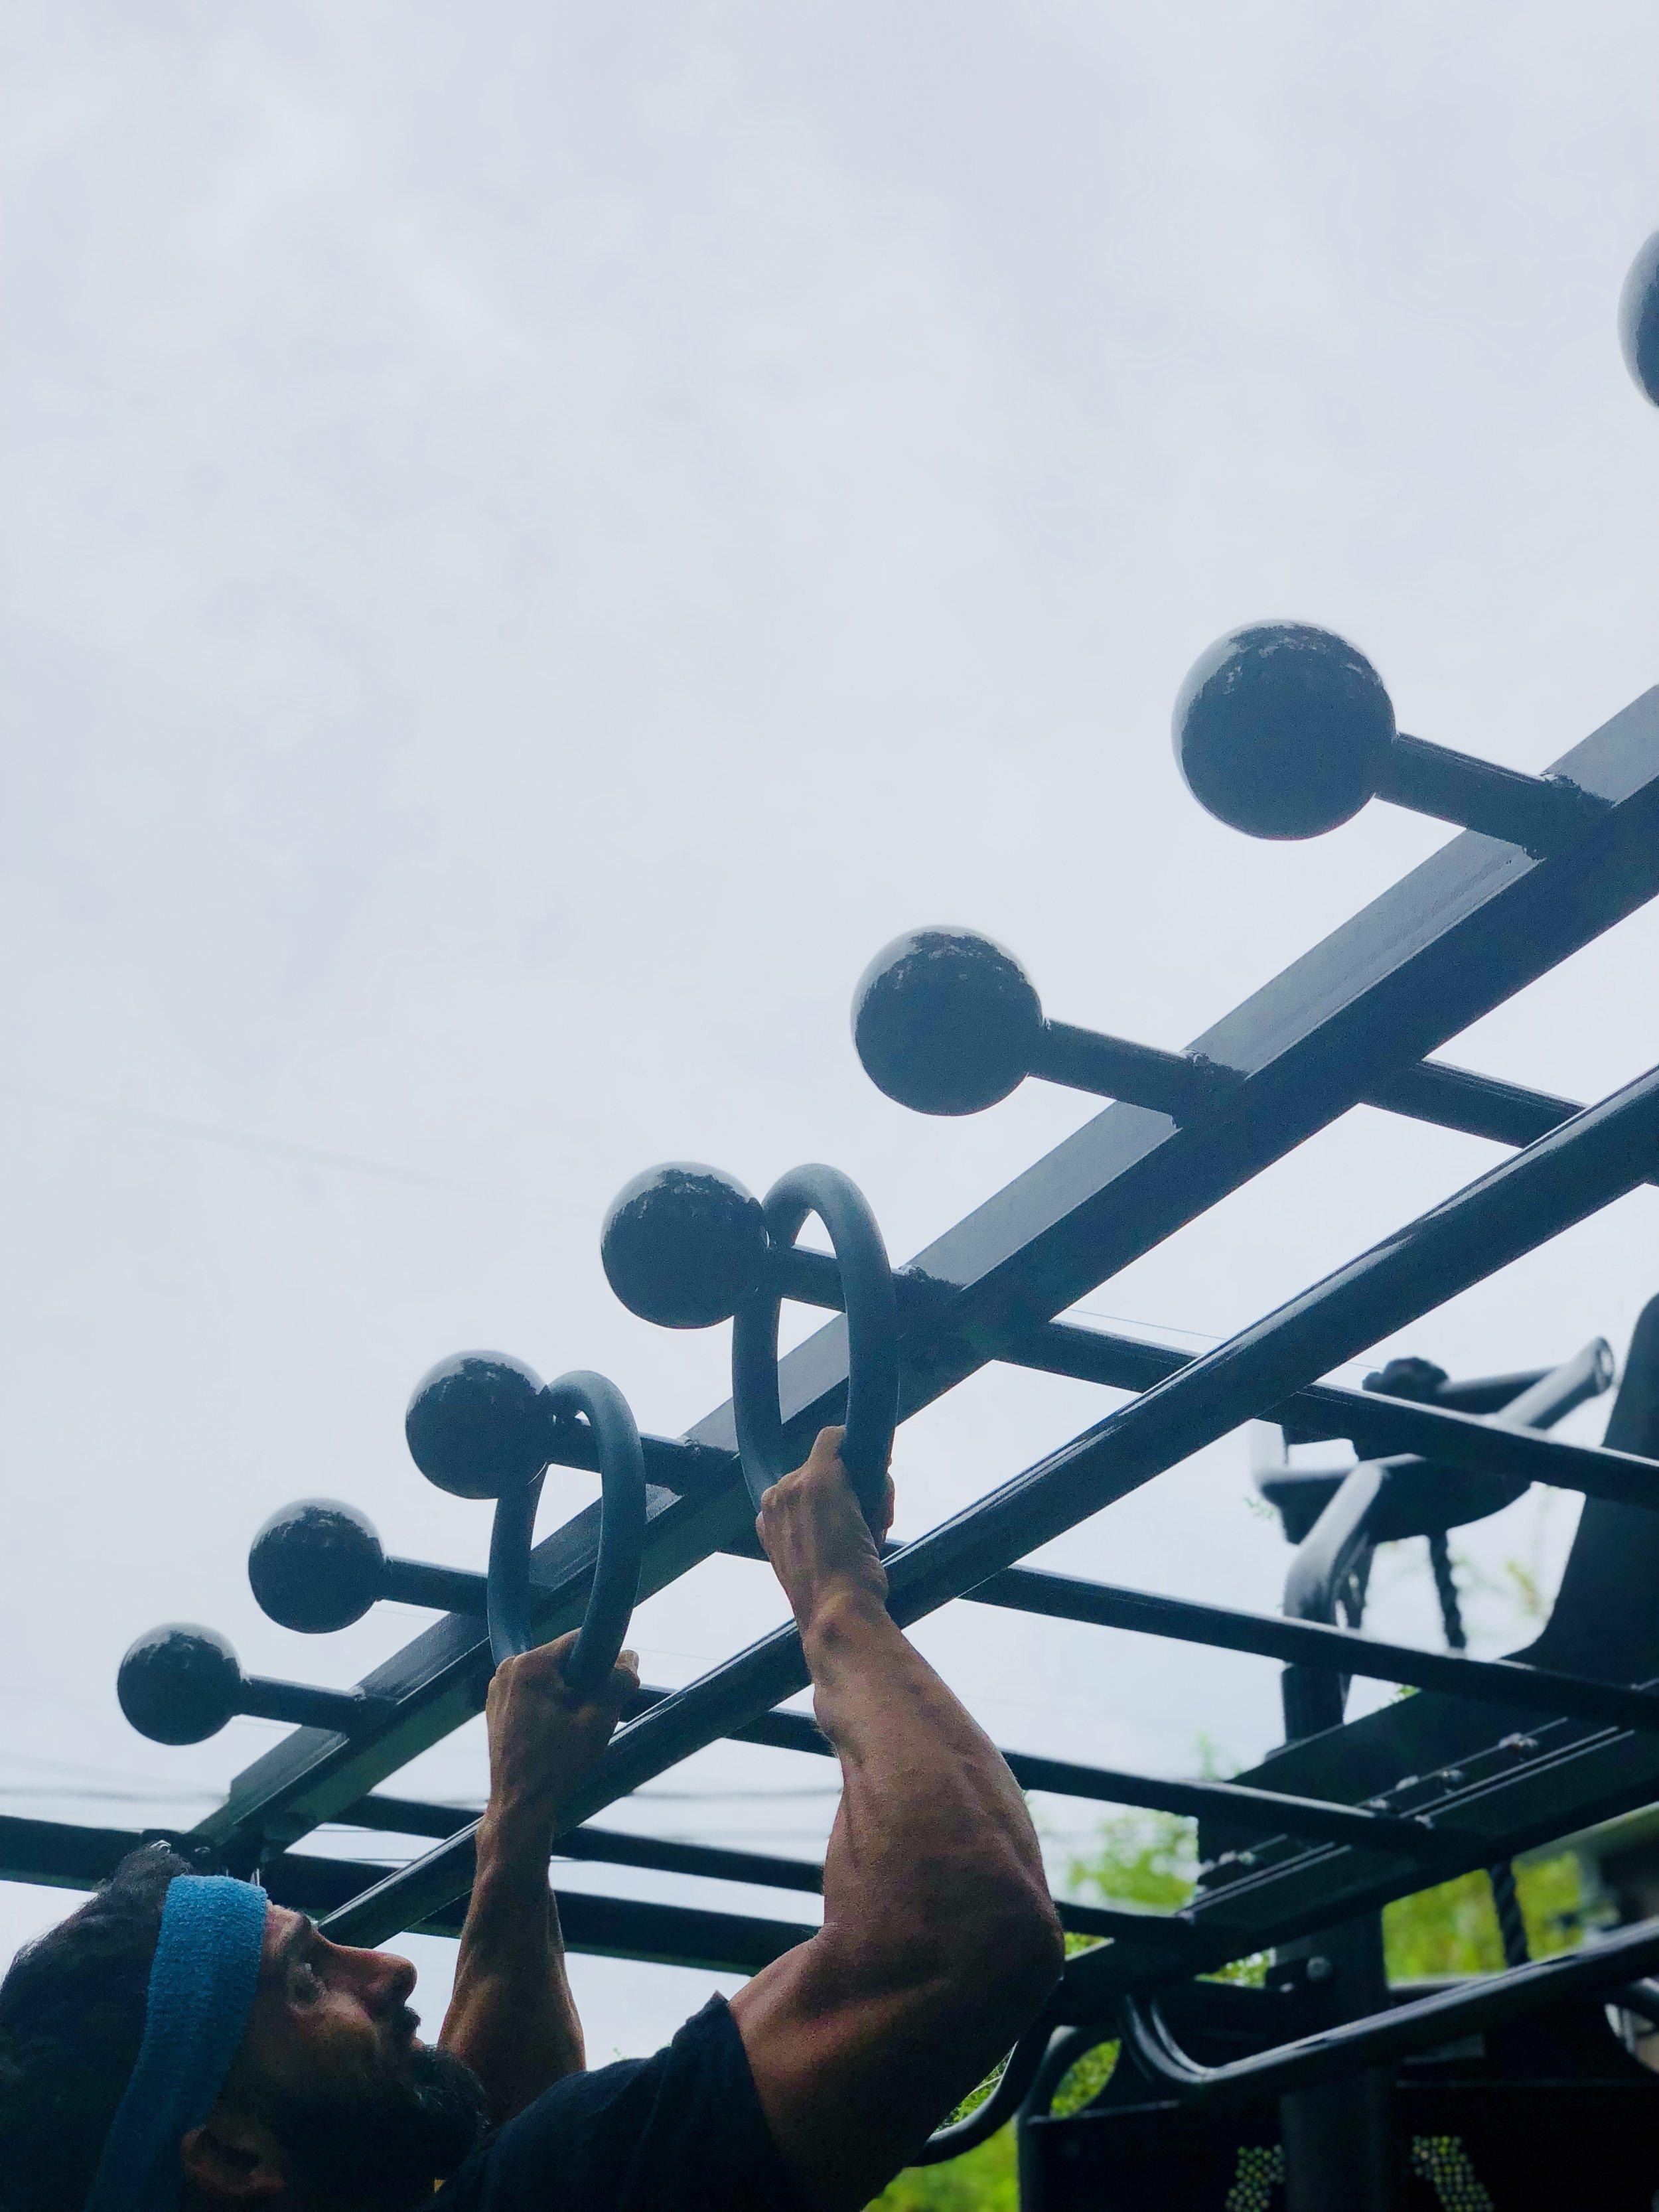 Monkey Bars with Side Rail Globe Grip rail